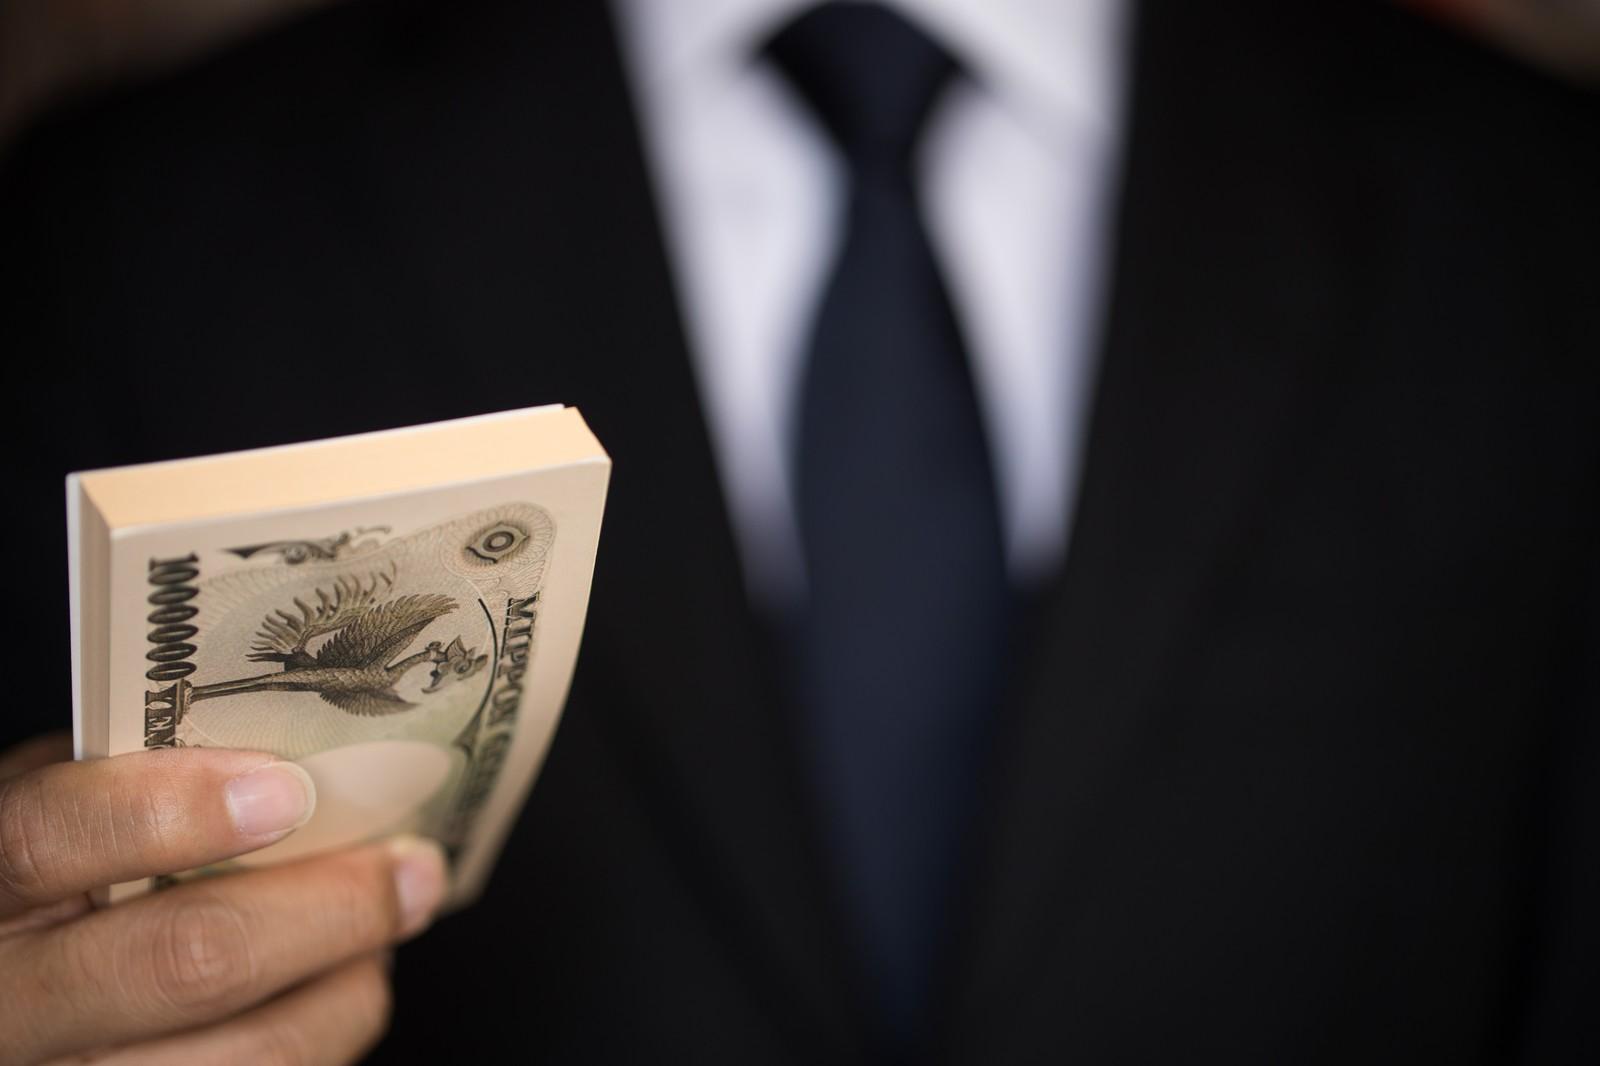 結婚を意識して付き合う相手との金銭感覚は似ている方がよい